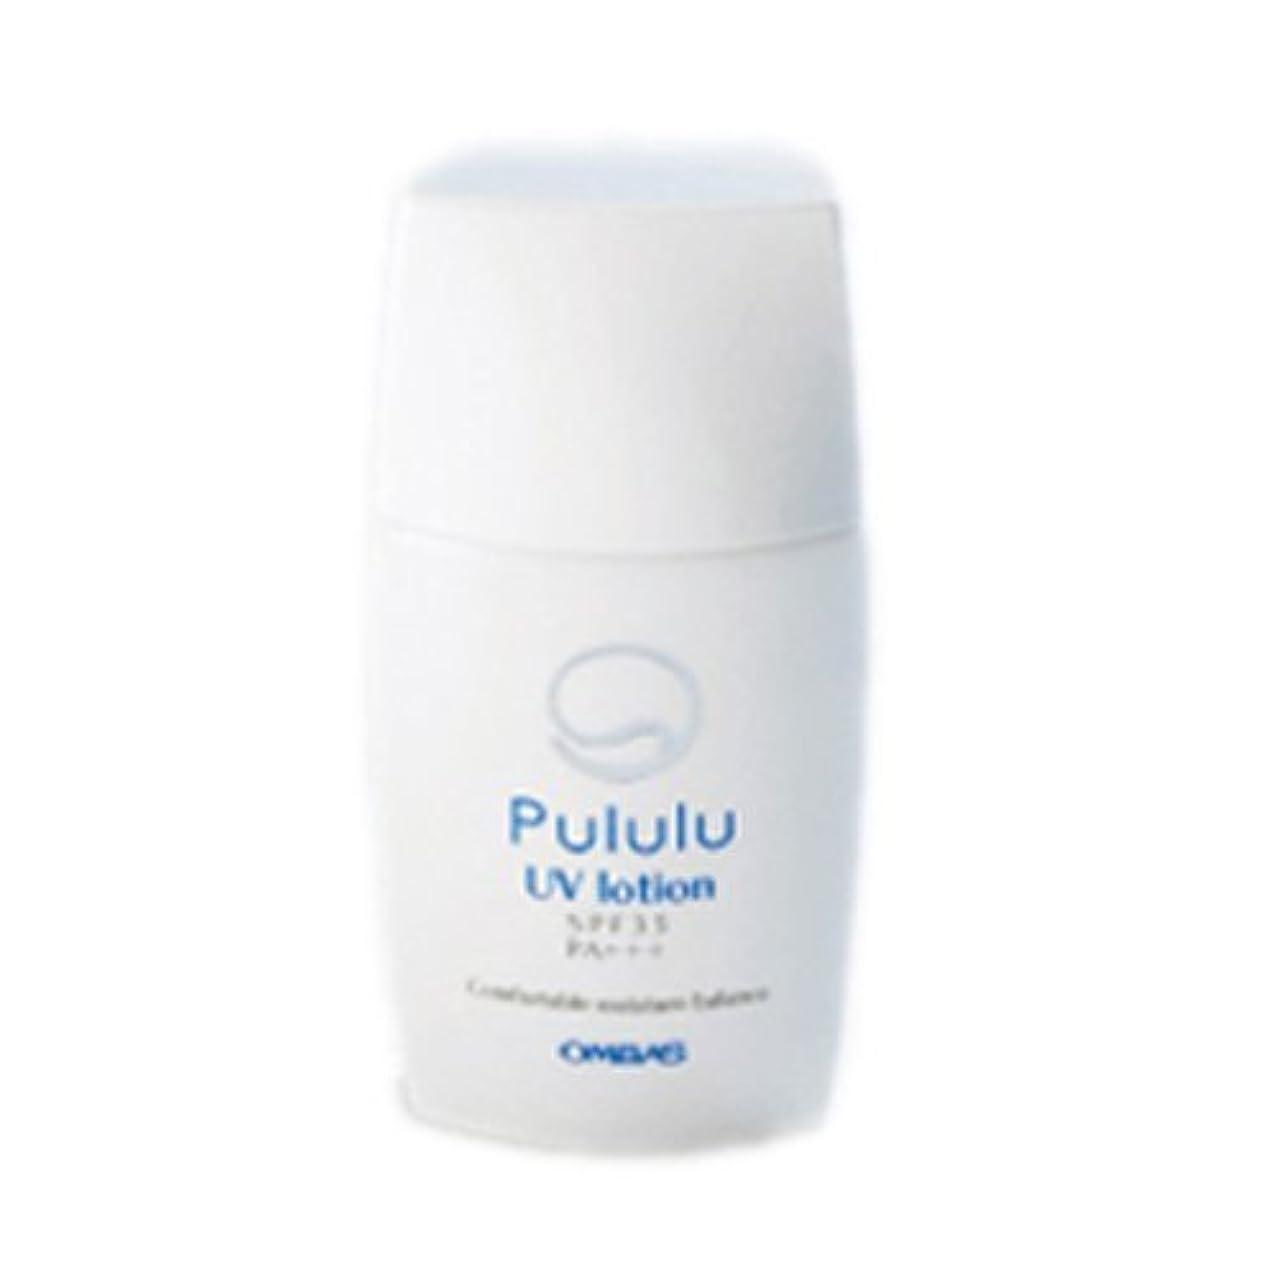 受け入れたサイト懇願するPululu シリーズ Pululu UVローション